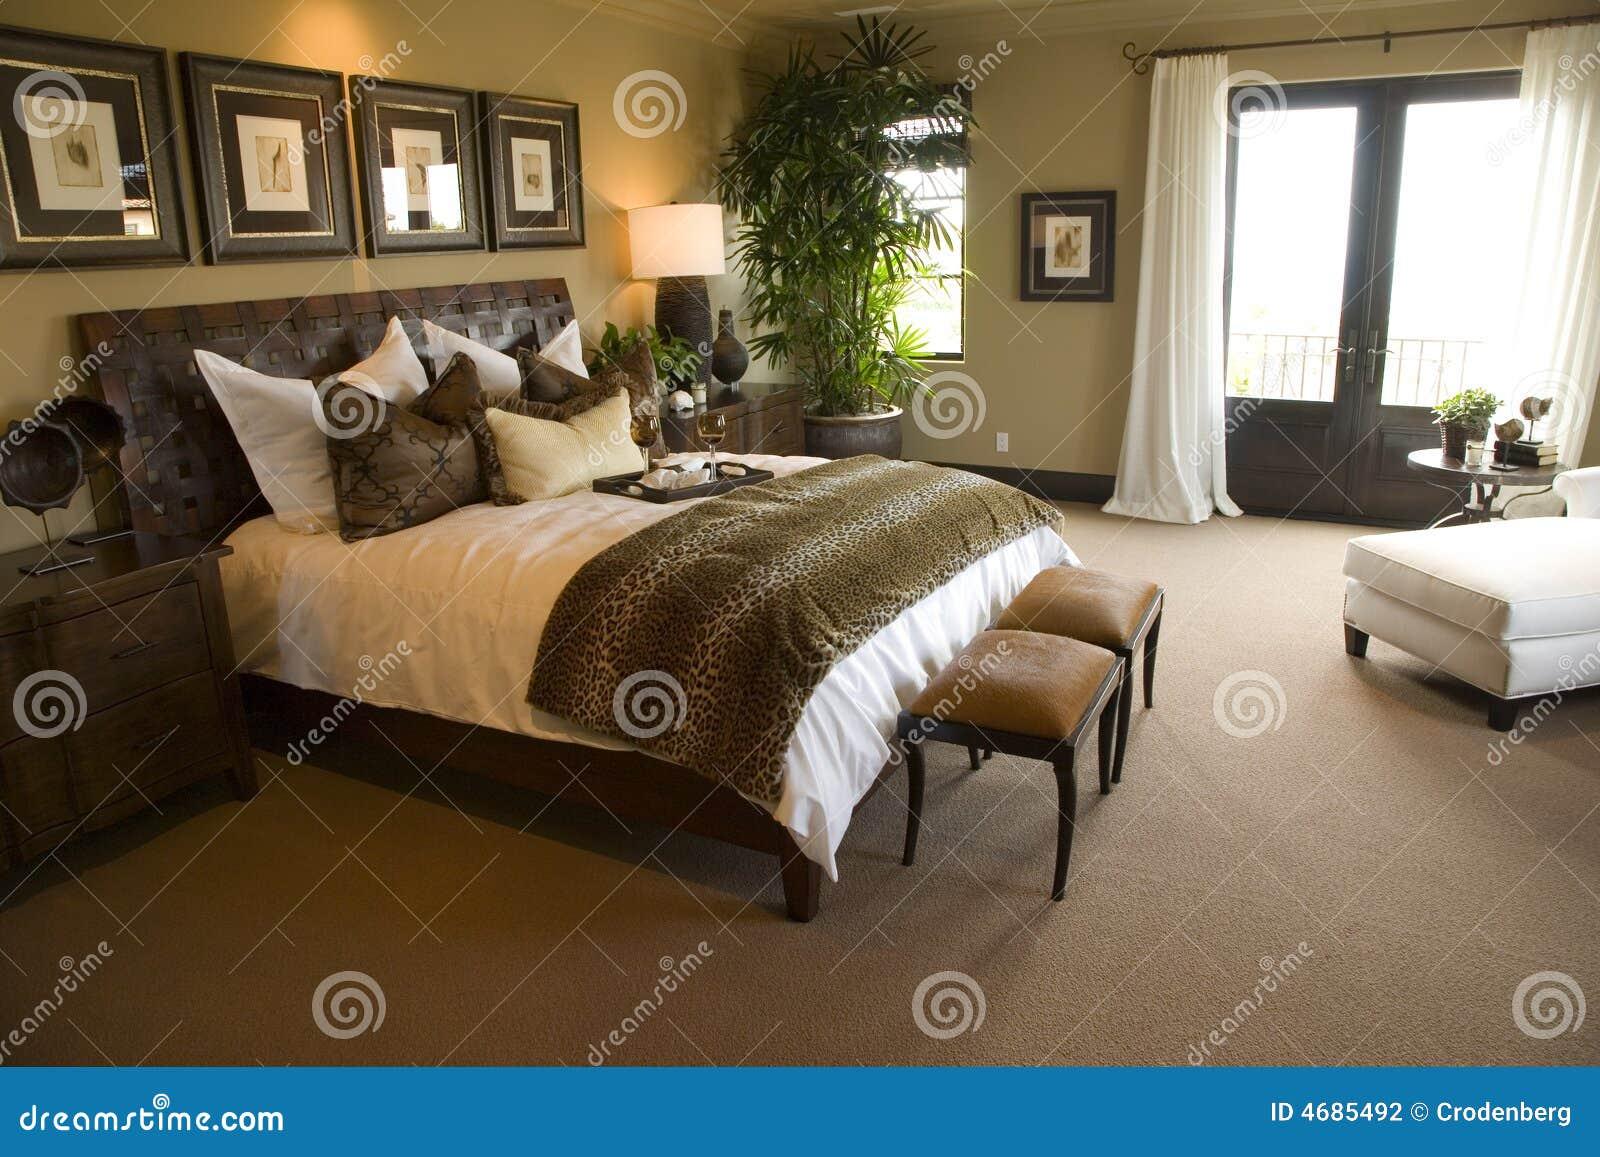 Chambre coucher la maison de luxe moderne photographie for H h createur de meubles